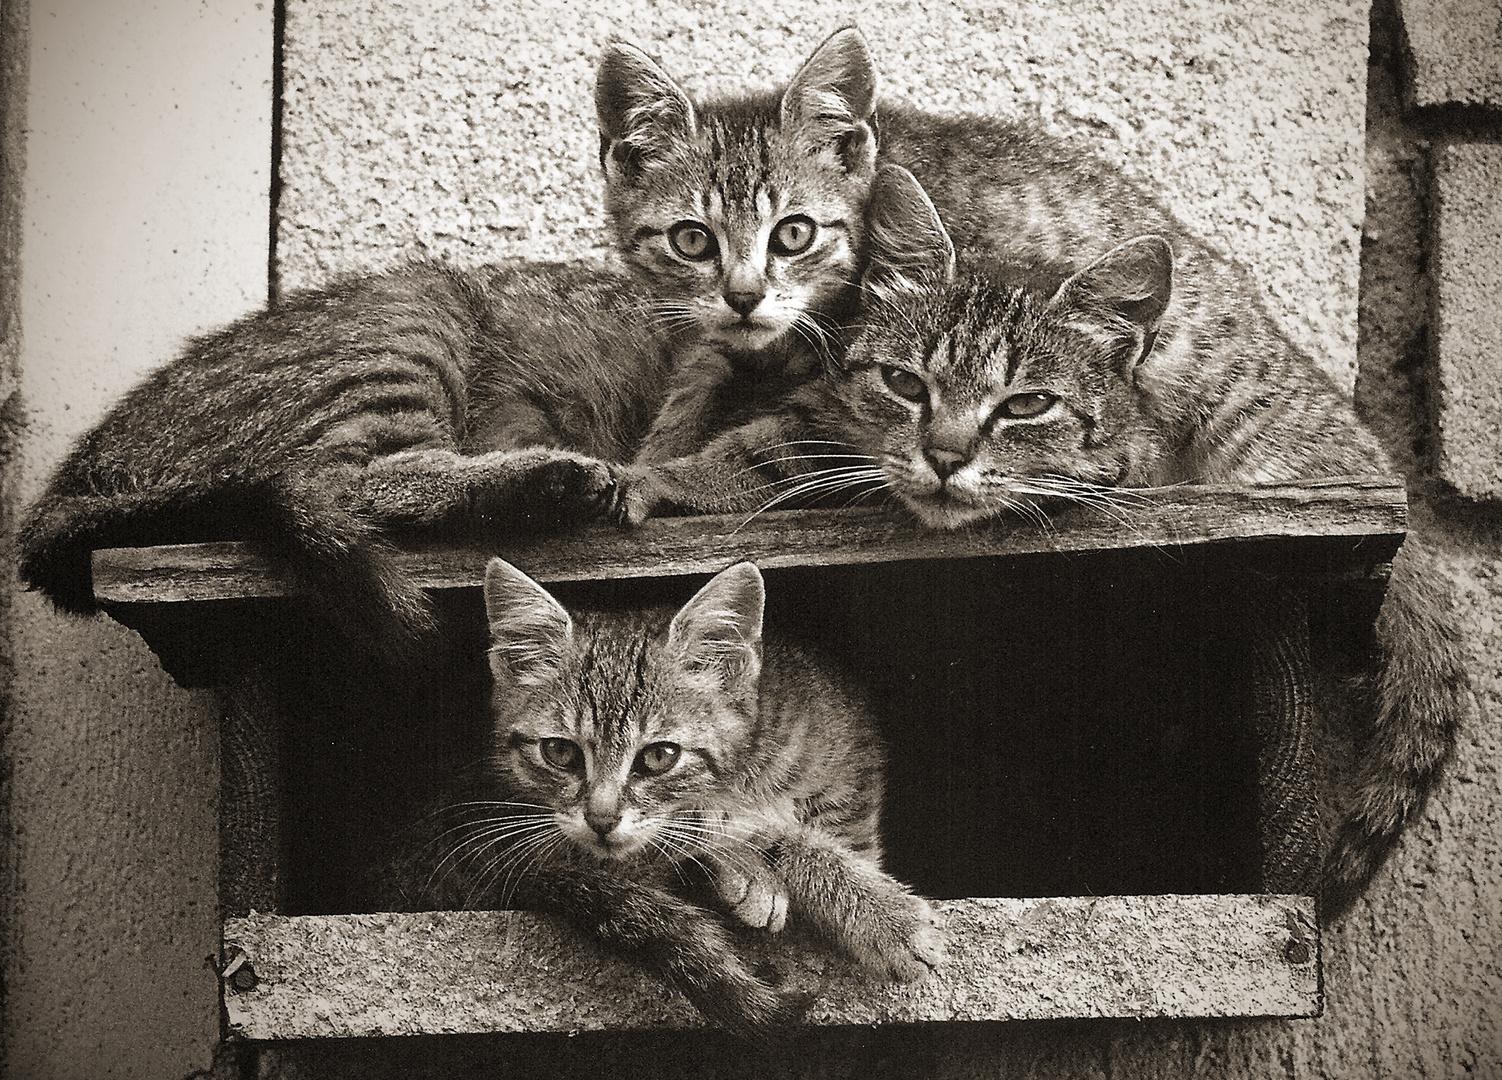 Archiv 28, Nachbar's Katzen, August 2002